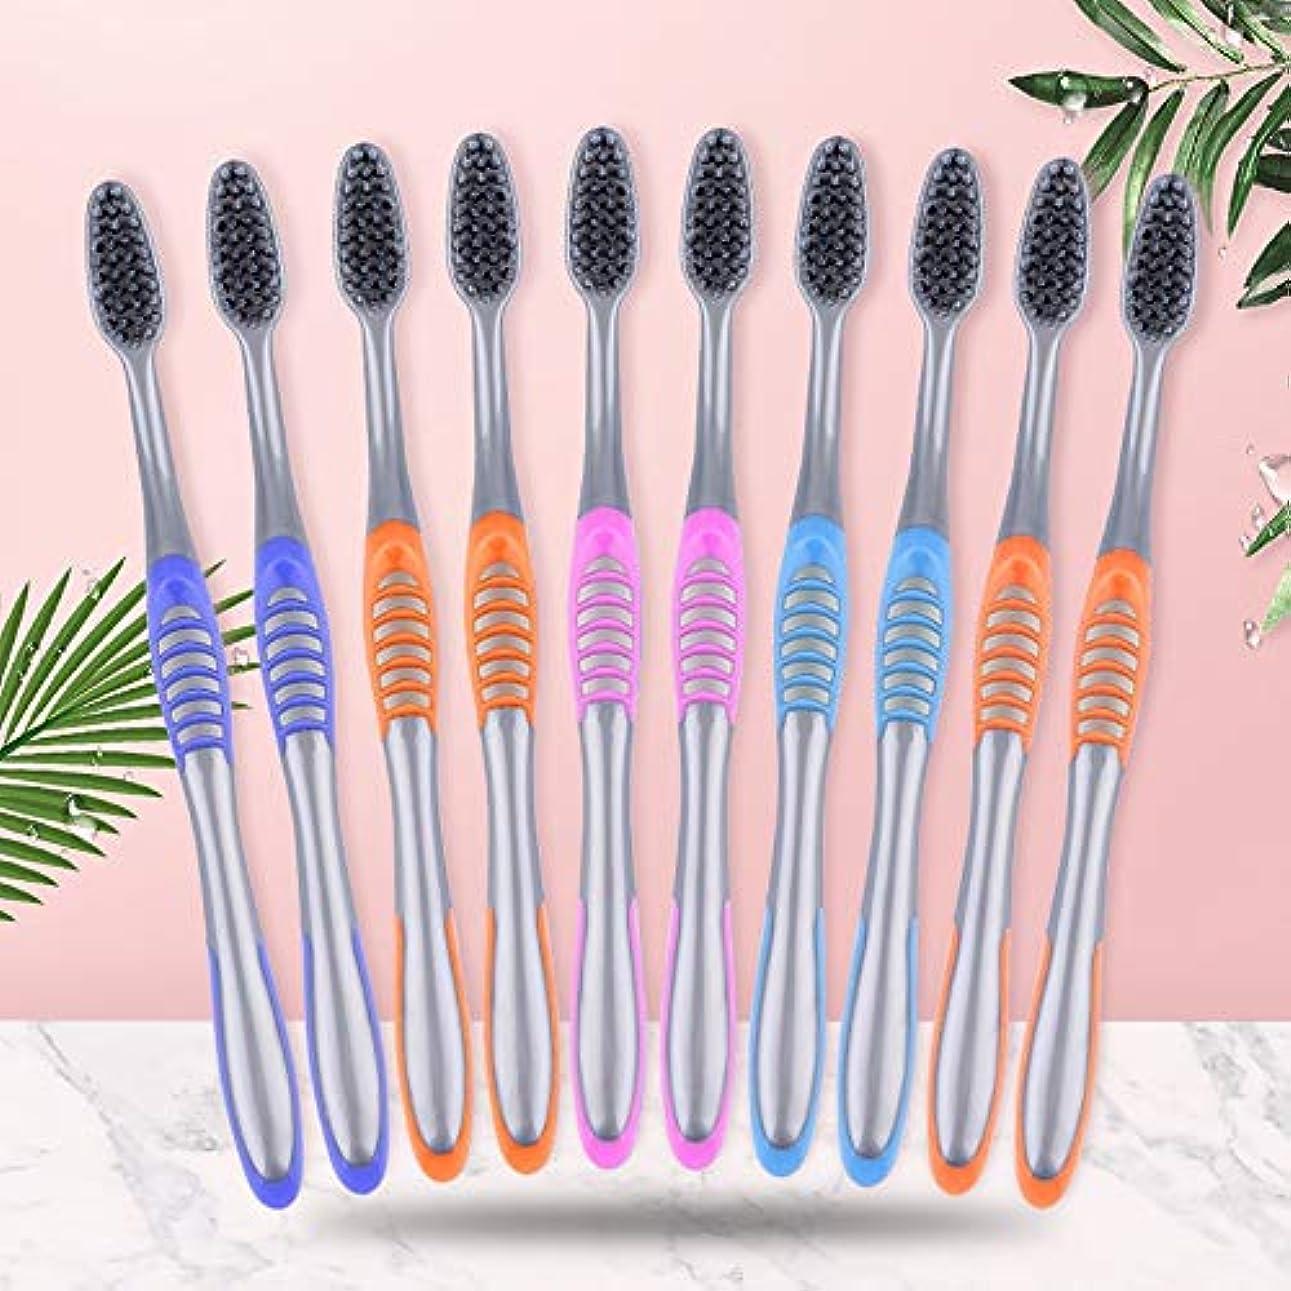 サドルペンフレンド洞察力のある歯ブラシ 20本の歯ブラシ、ブラックブラシヘッド歯ブラシ、大人竹炭歯ブラシ、ディープクリーニング歯 HL (サイズ : 20 packs)